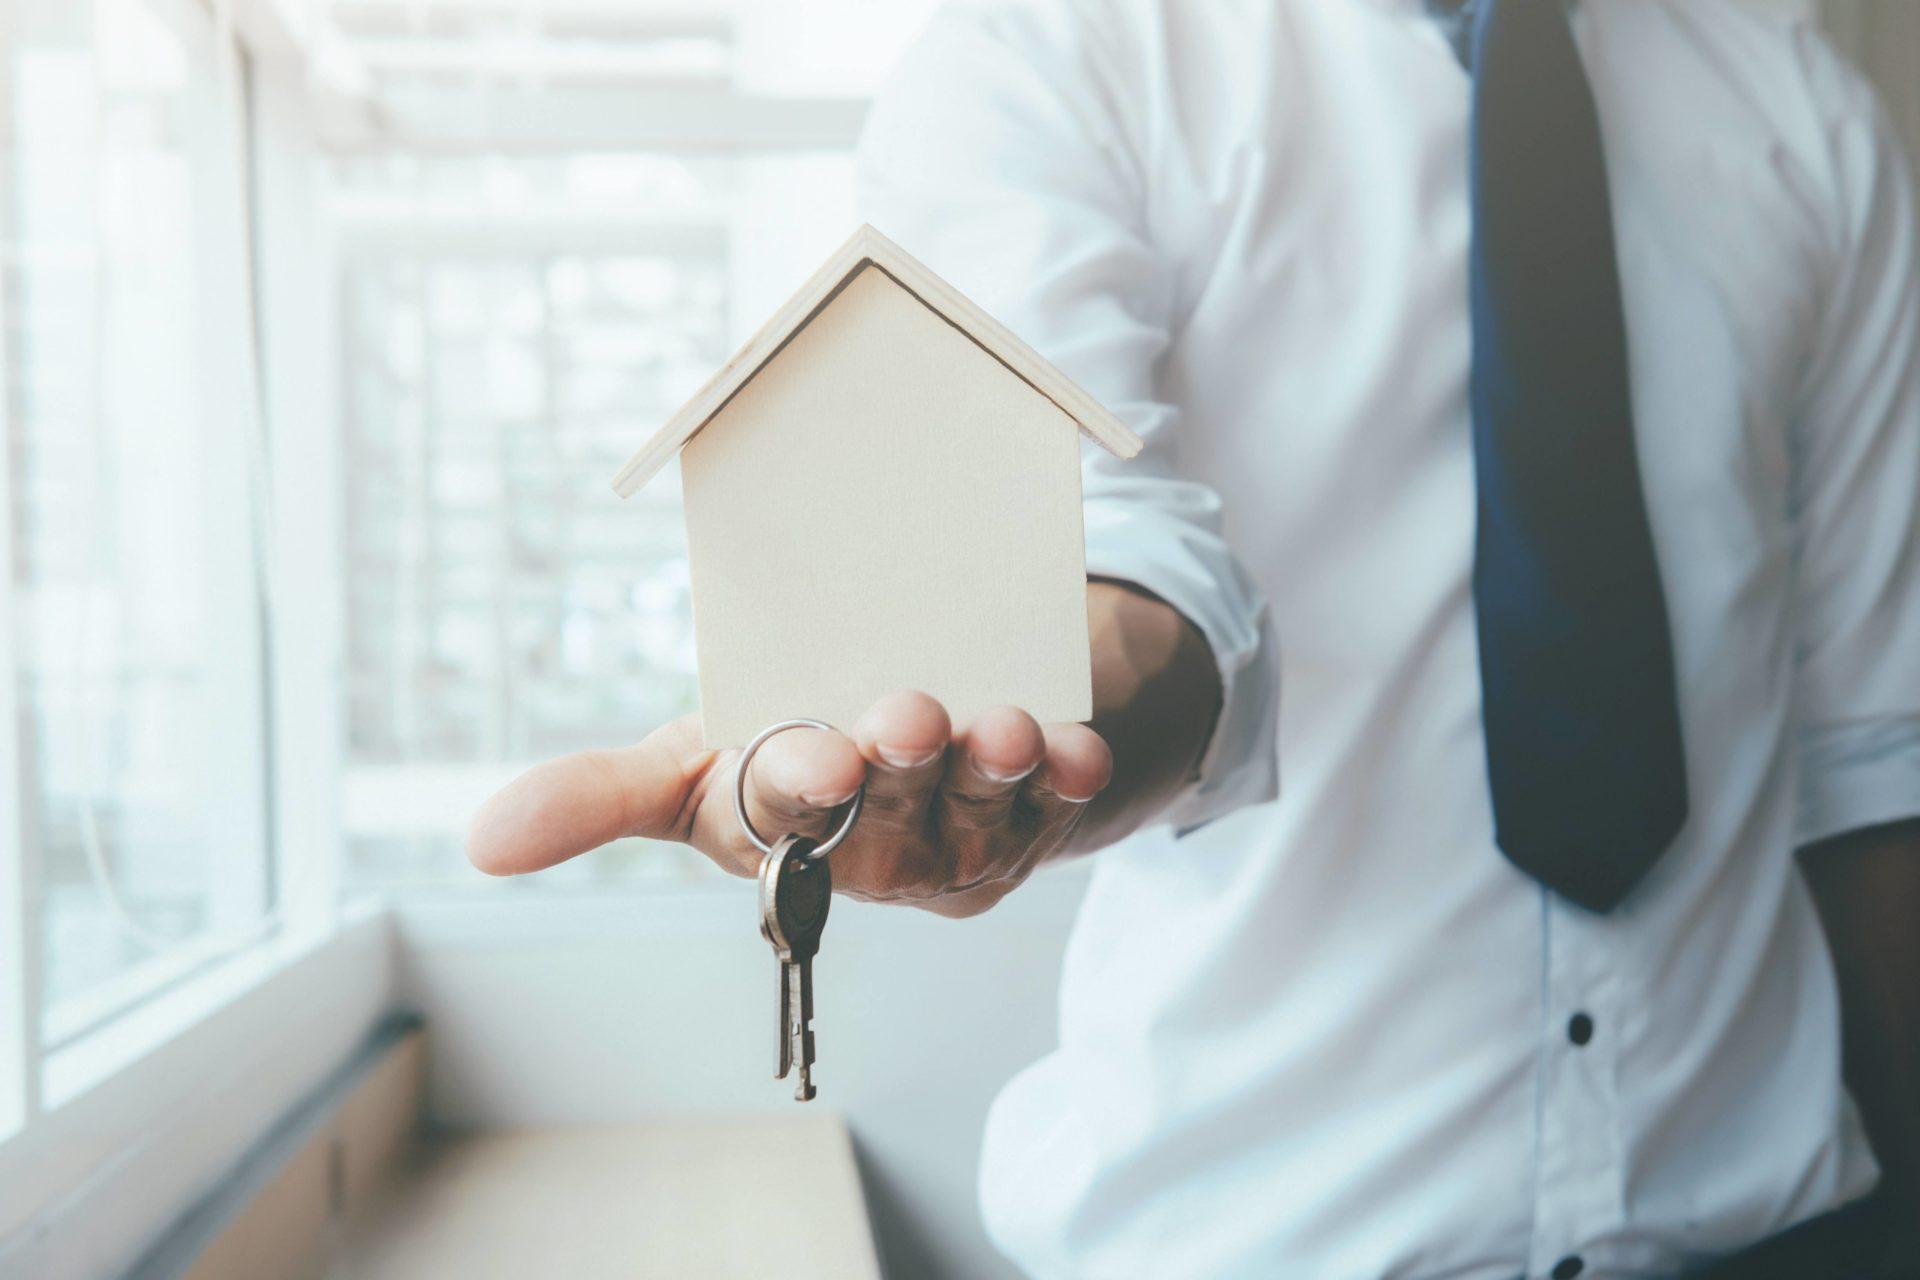 Baux d'habitation pour louer un logement (loi du 6 juillet 1989)